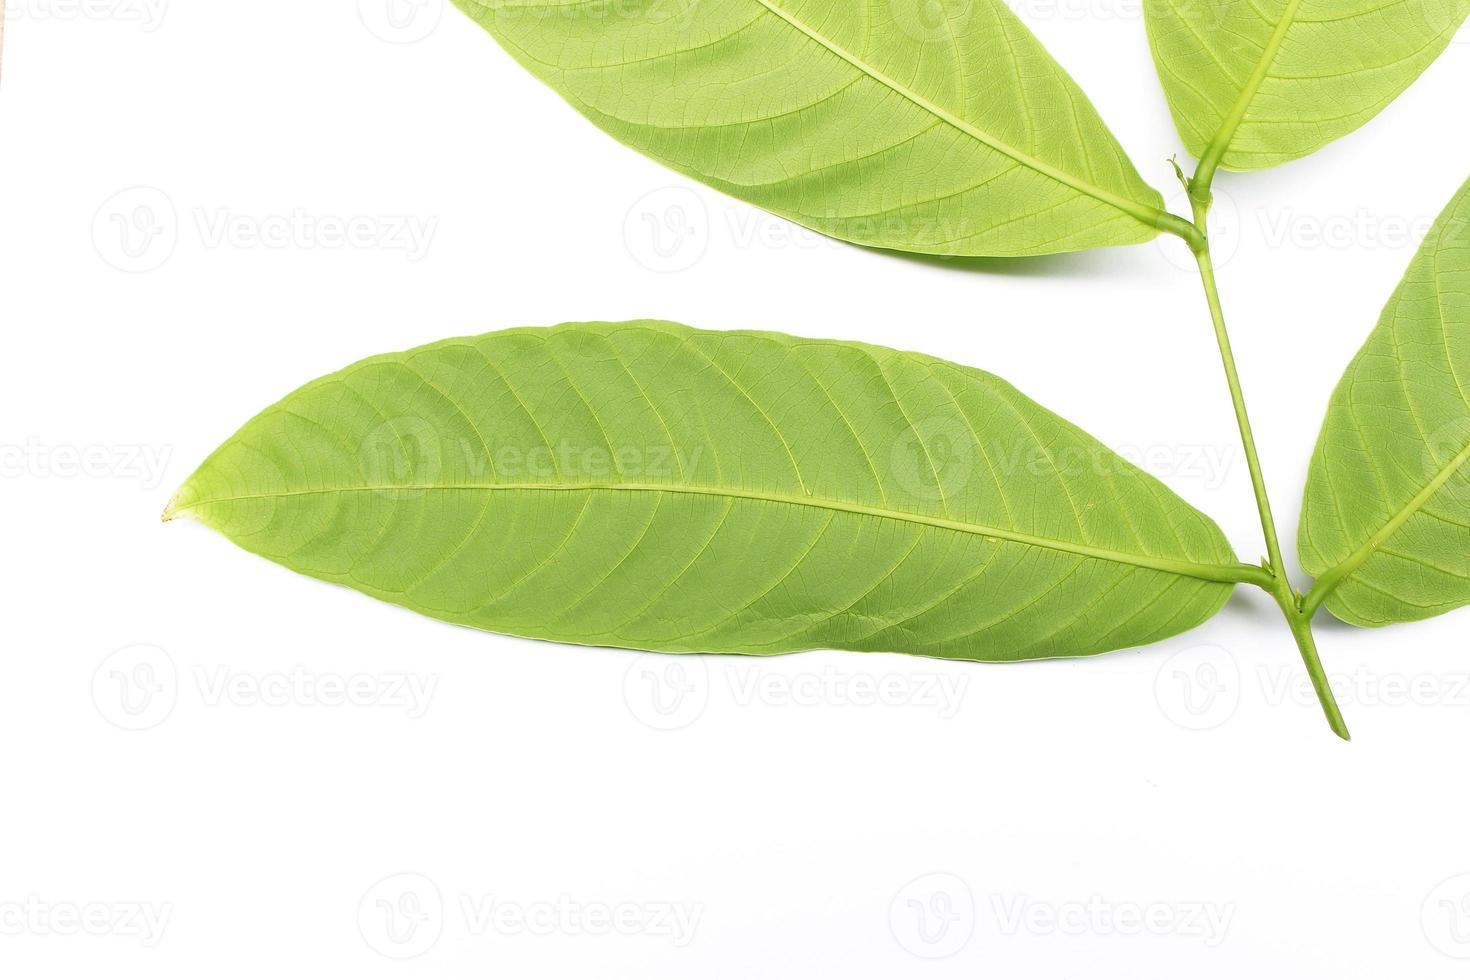 blad isolerad på vit bakgrund foto